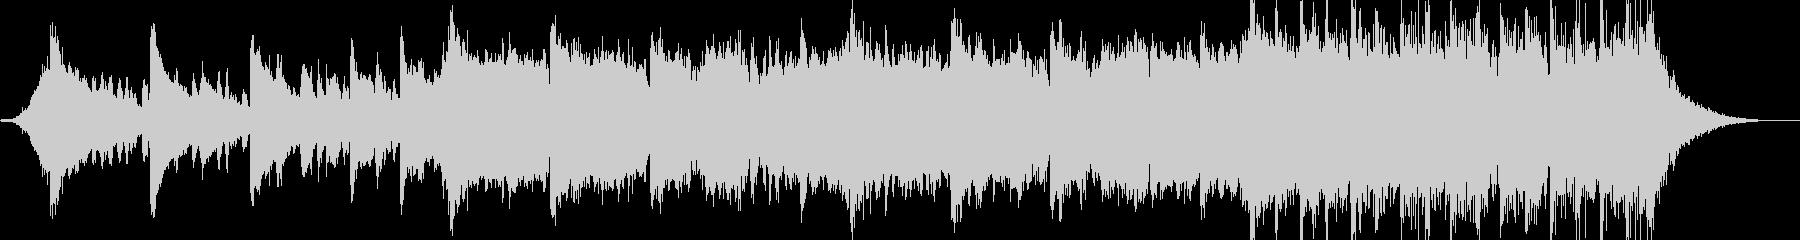 企業VPや映像41、壮大、オーケストラbの未再生の波形